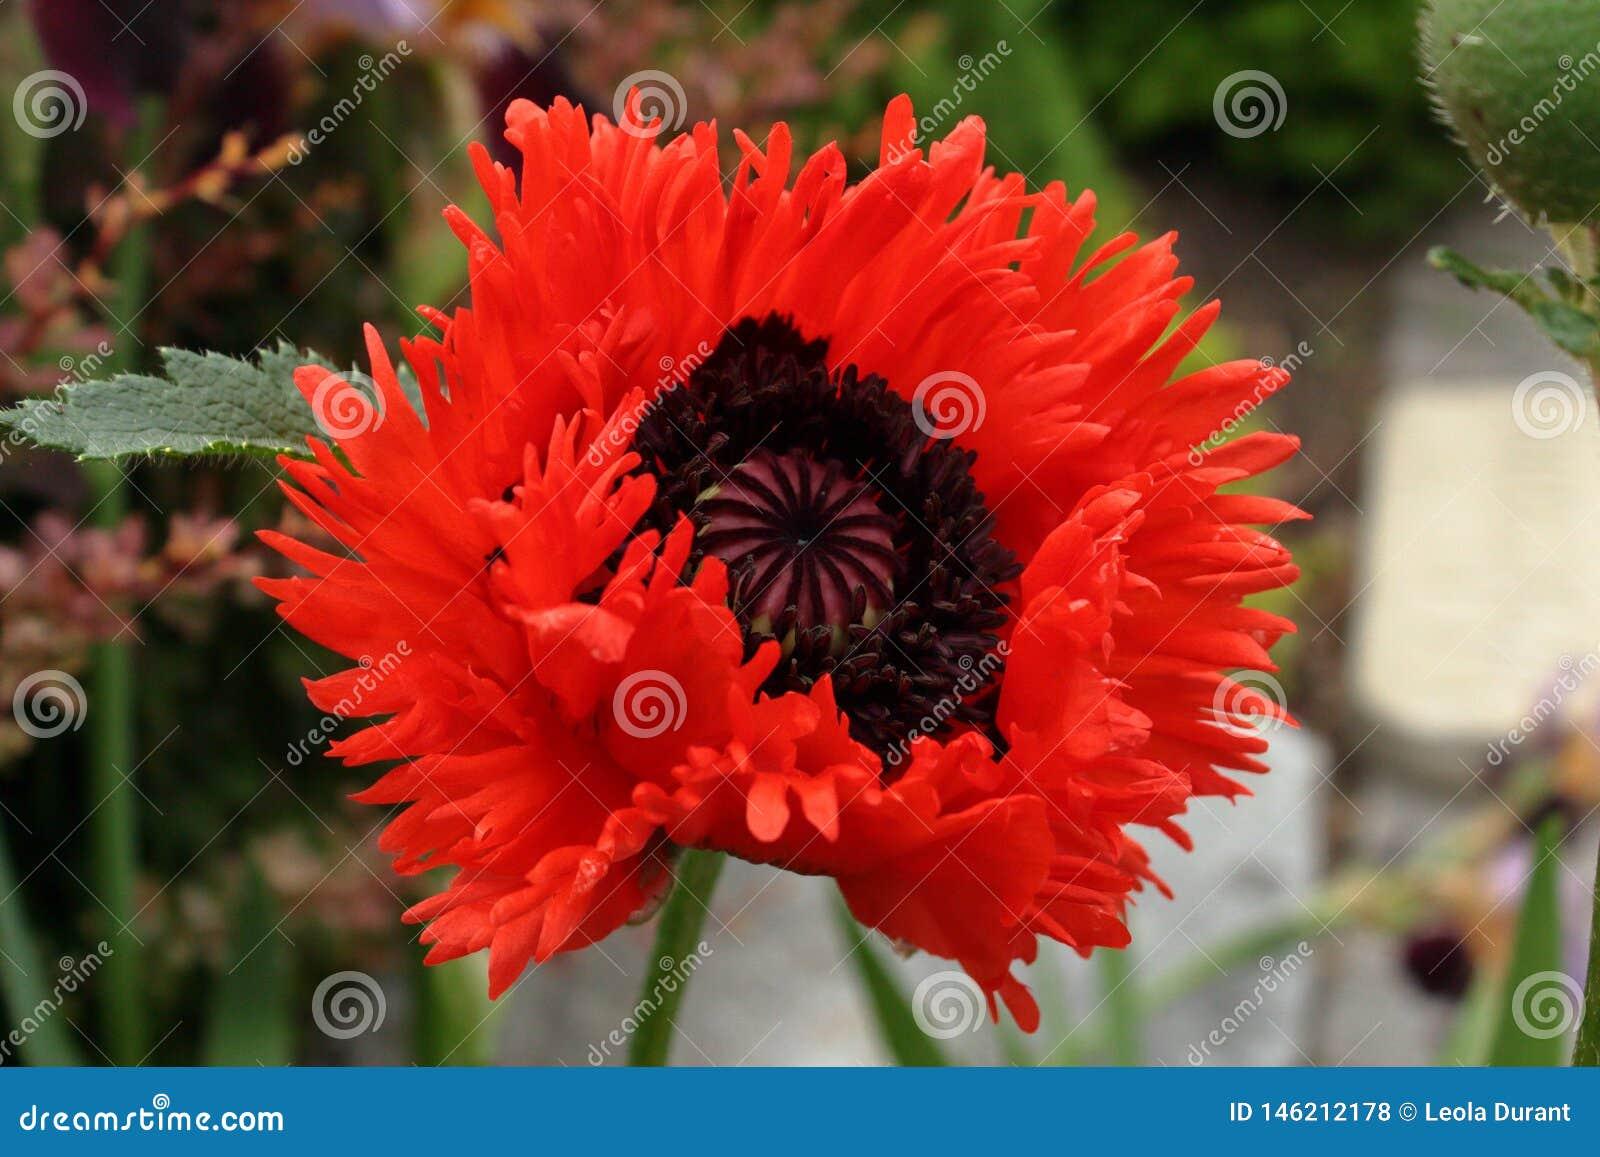 Poppy Flower rouge pelucheuse